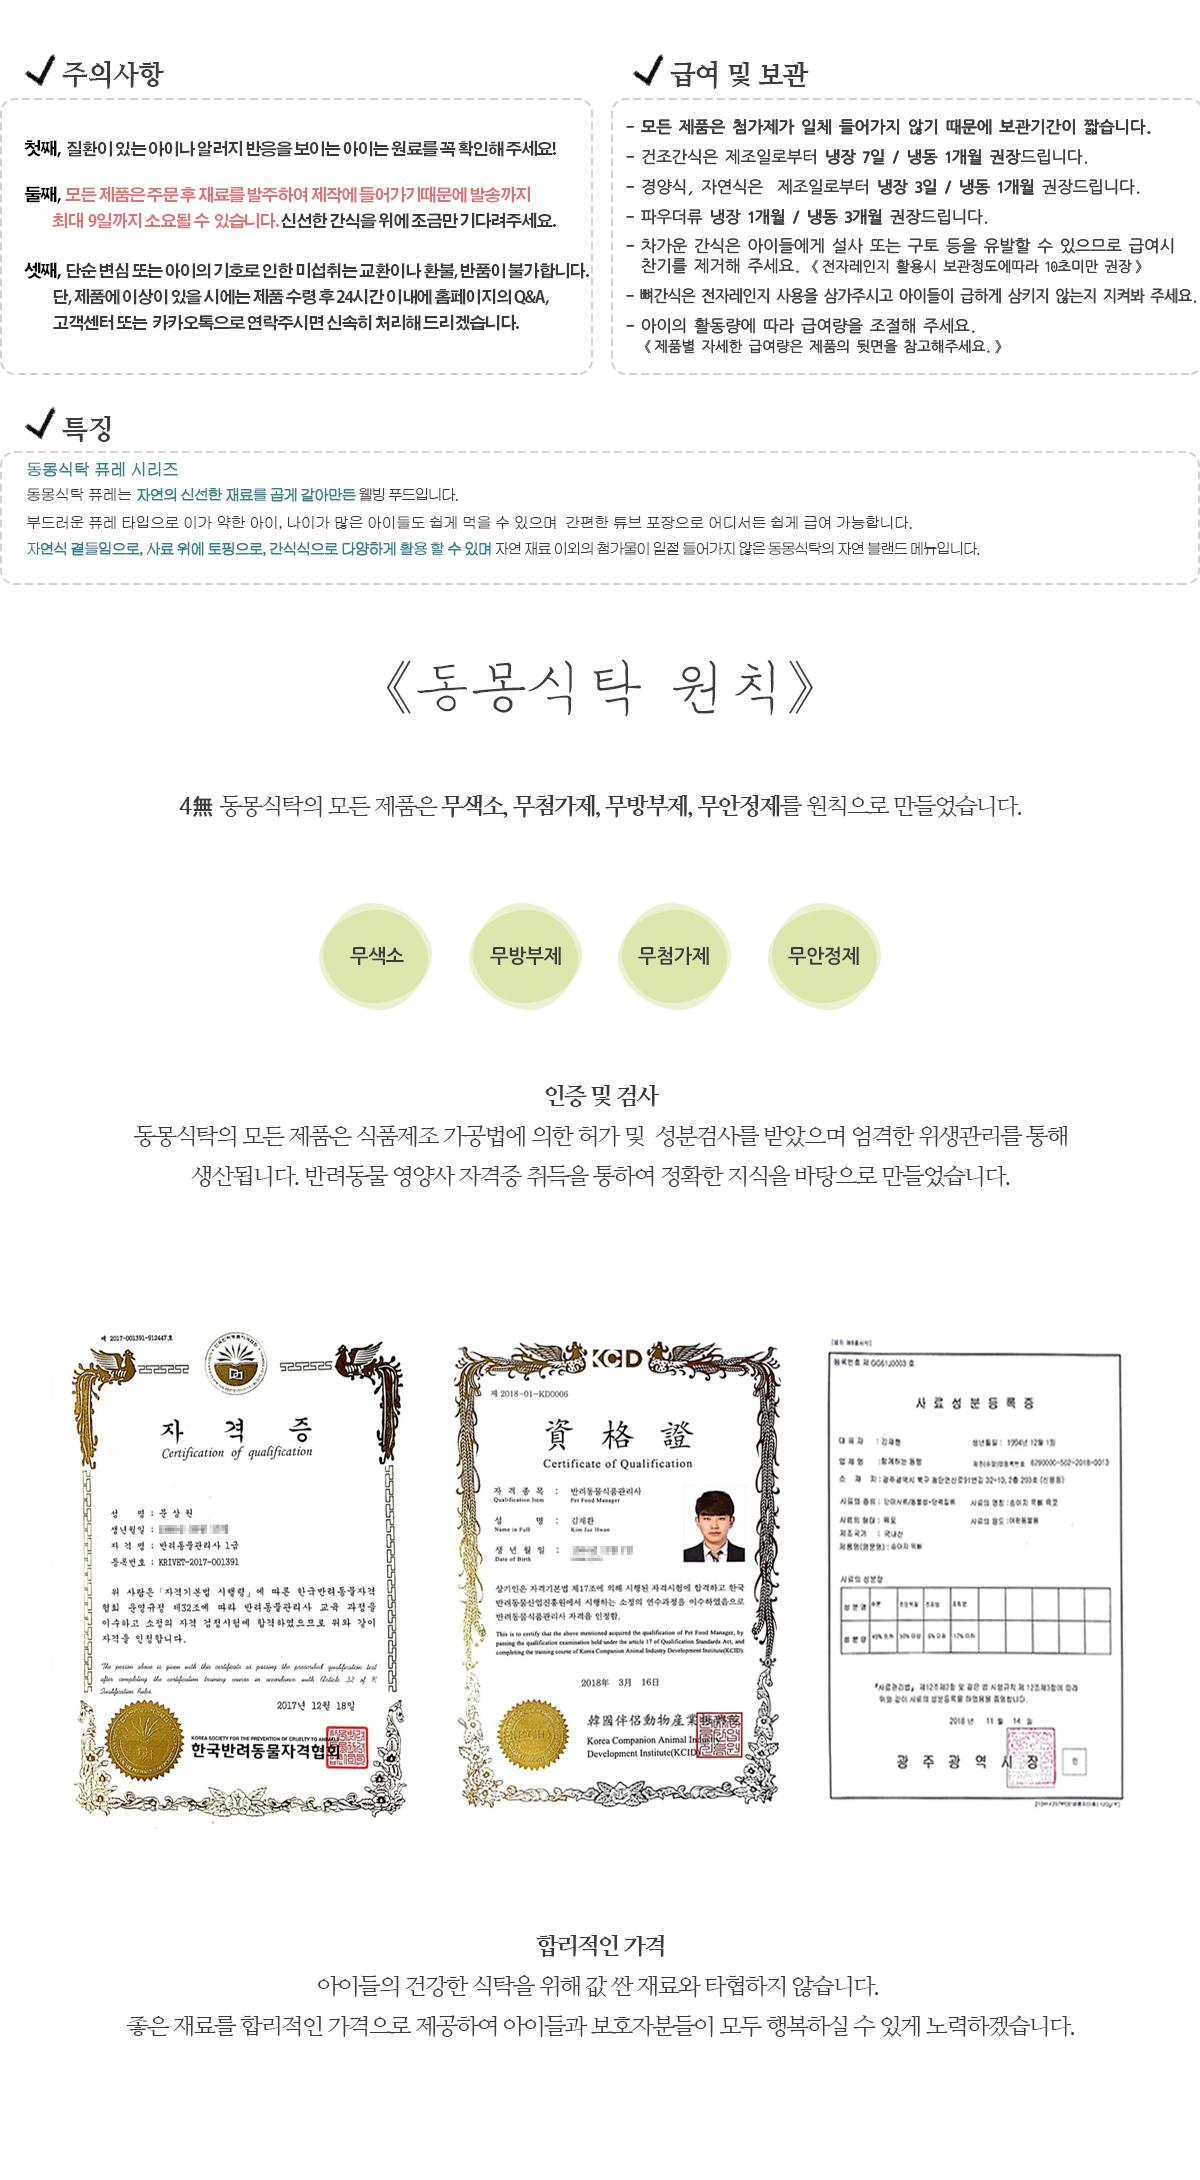 강아지 수제간식 오리고기 야채 로프 120g - 동몽식탁, 6,000원, 간식/영양제, 수제간식